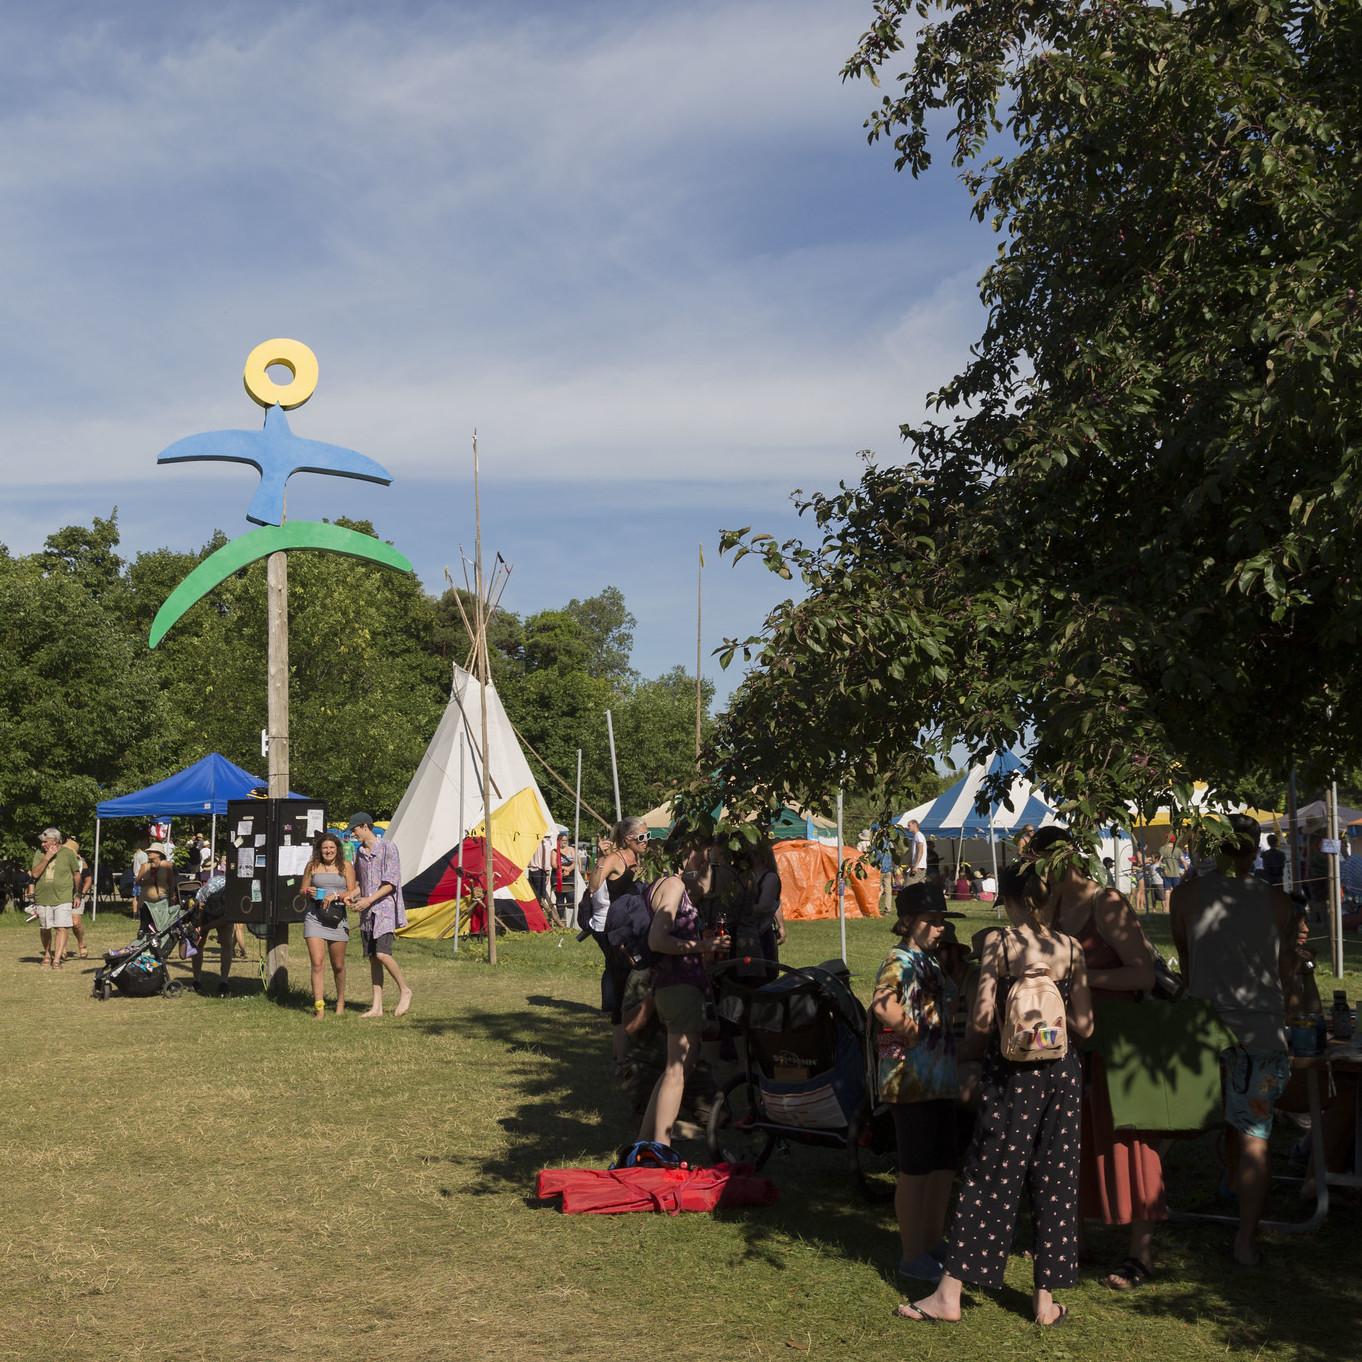 The large Hillside logo beside the tipi at the summer festival